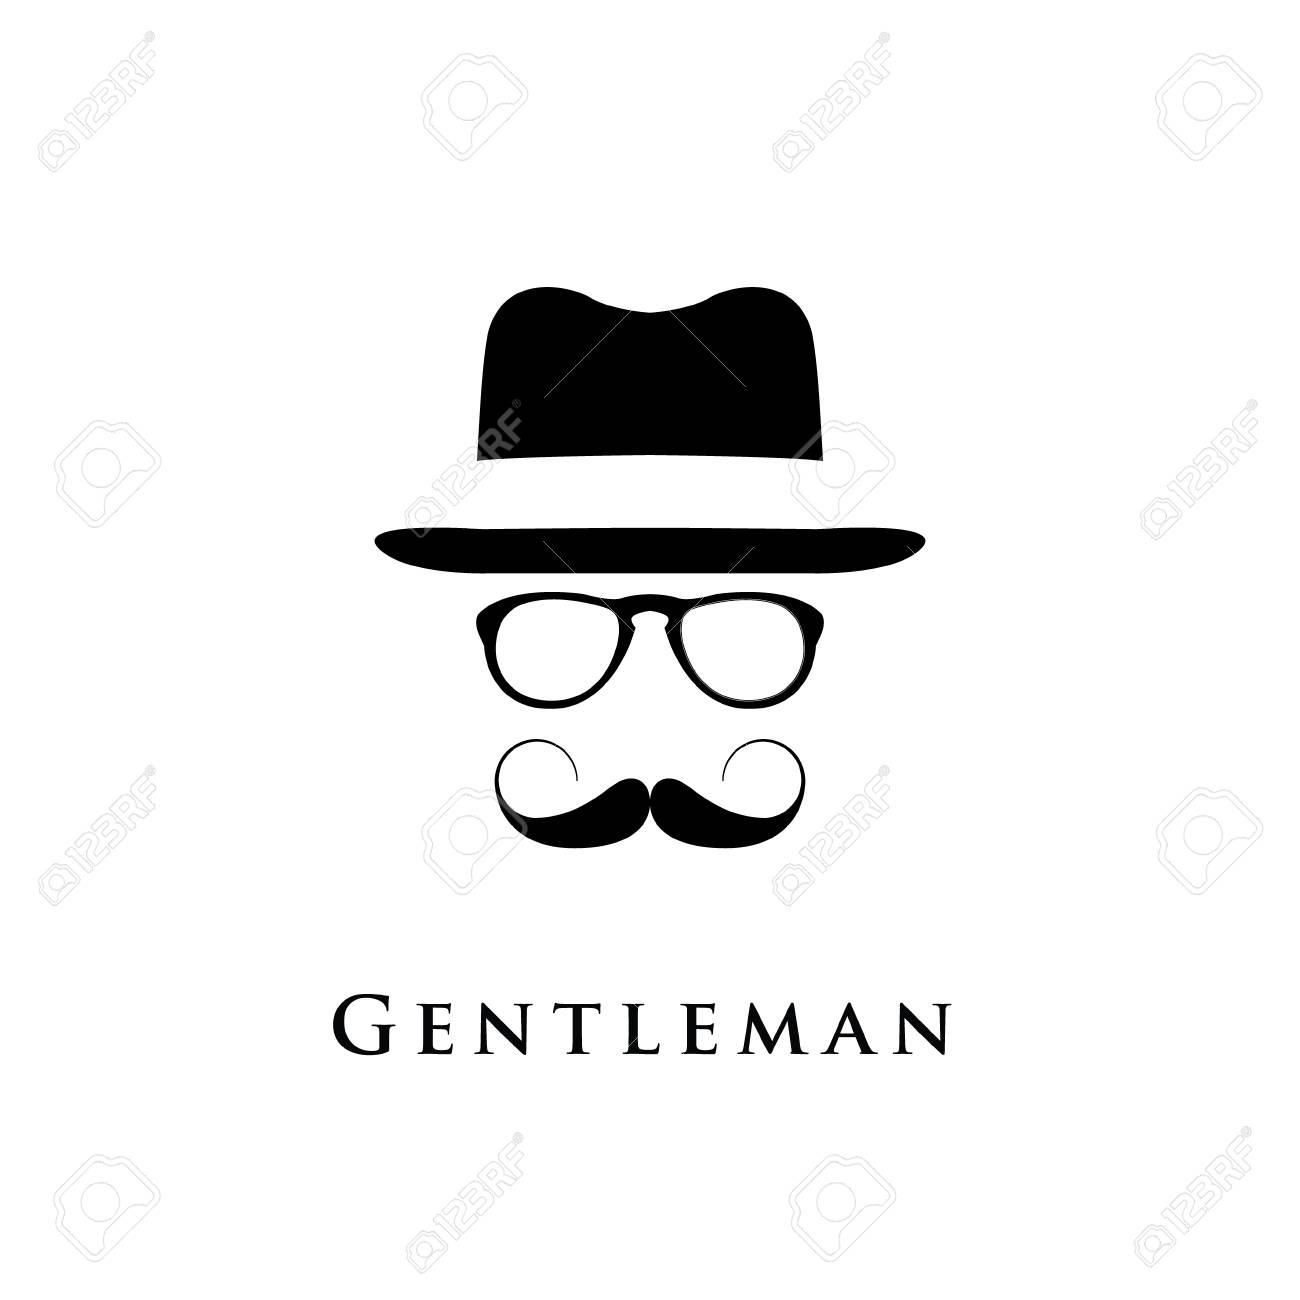 紳士のロゴヴィンテージの帽子ヒゲとメガネのベクトル イラストの